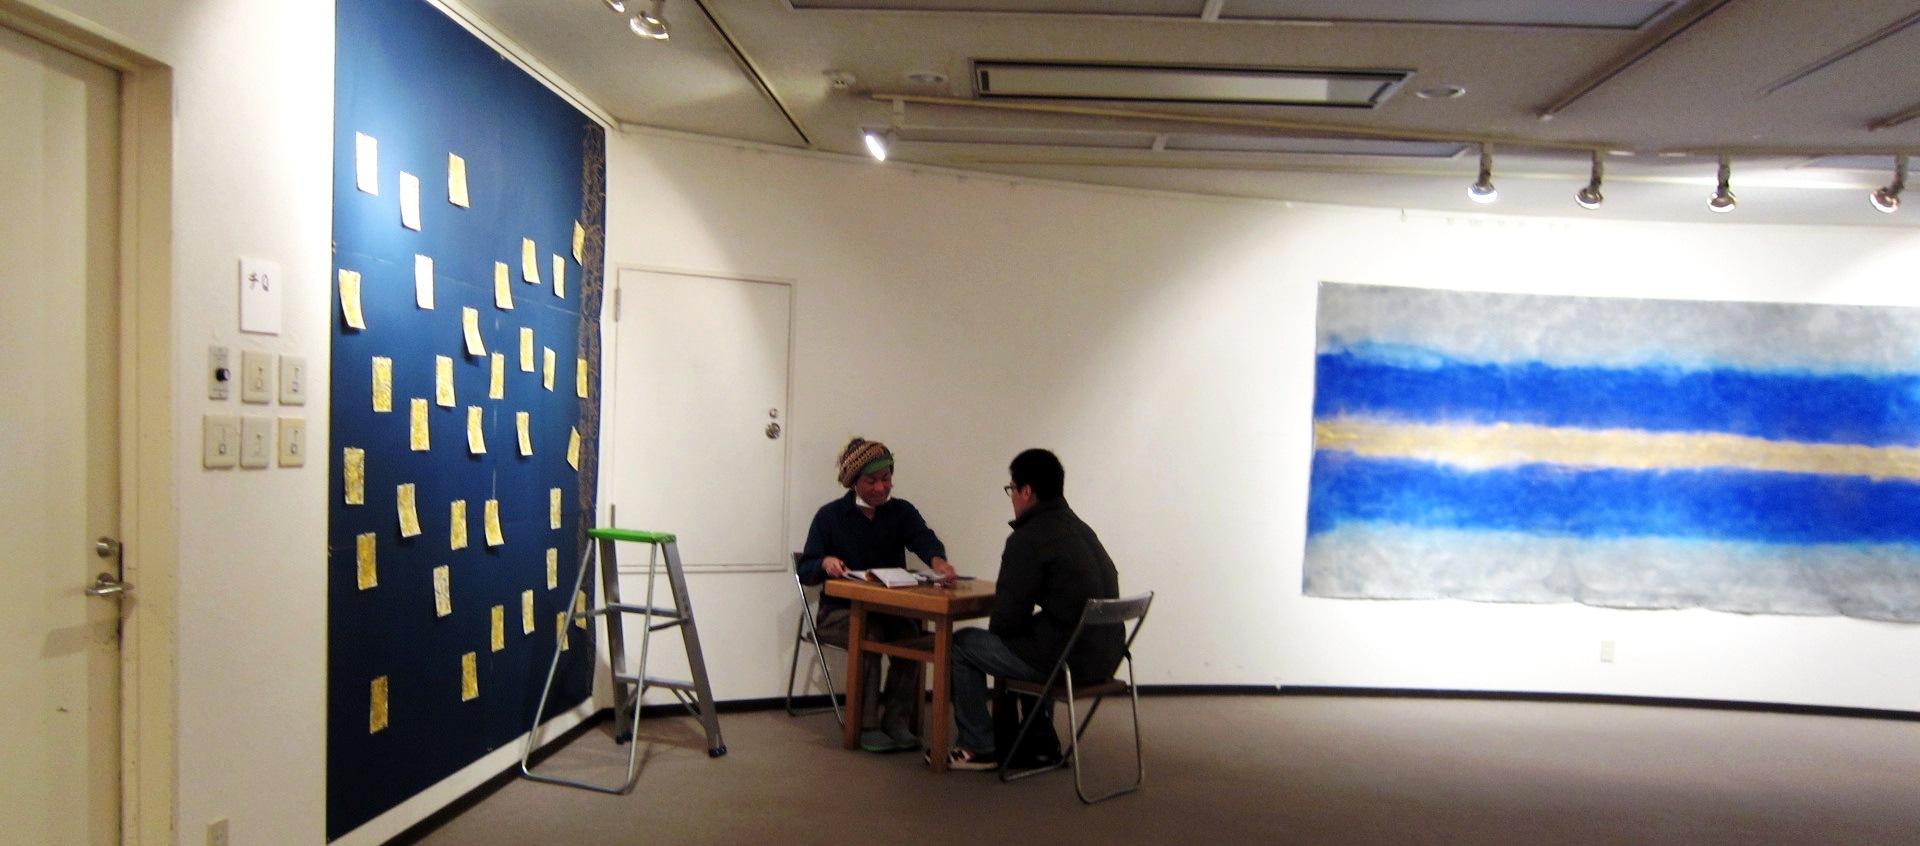 2491)「第3回丸島企画展『群青』 に寄せて」_f0126829_9454770.jpg